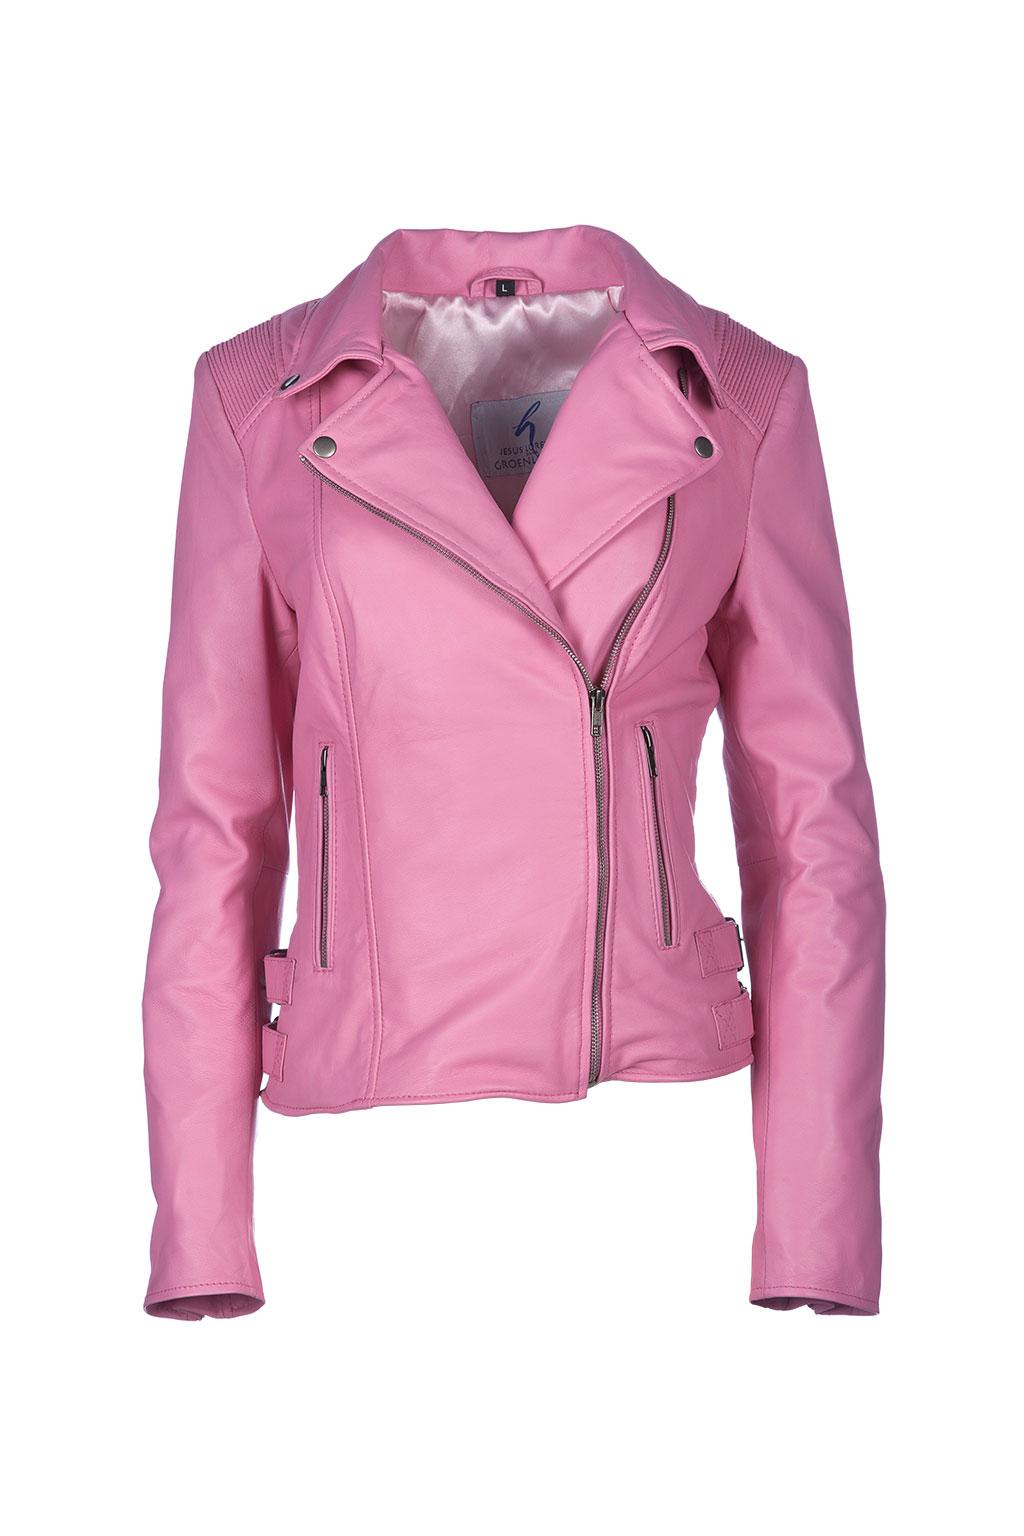 mejor precio para tecnicas modernas calidad de marca Cazadora rosa napa cremallera